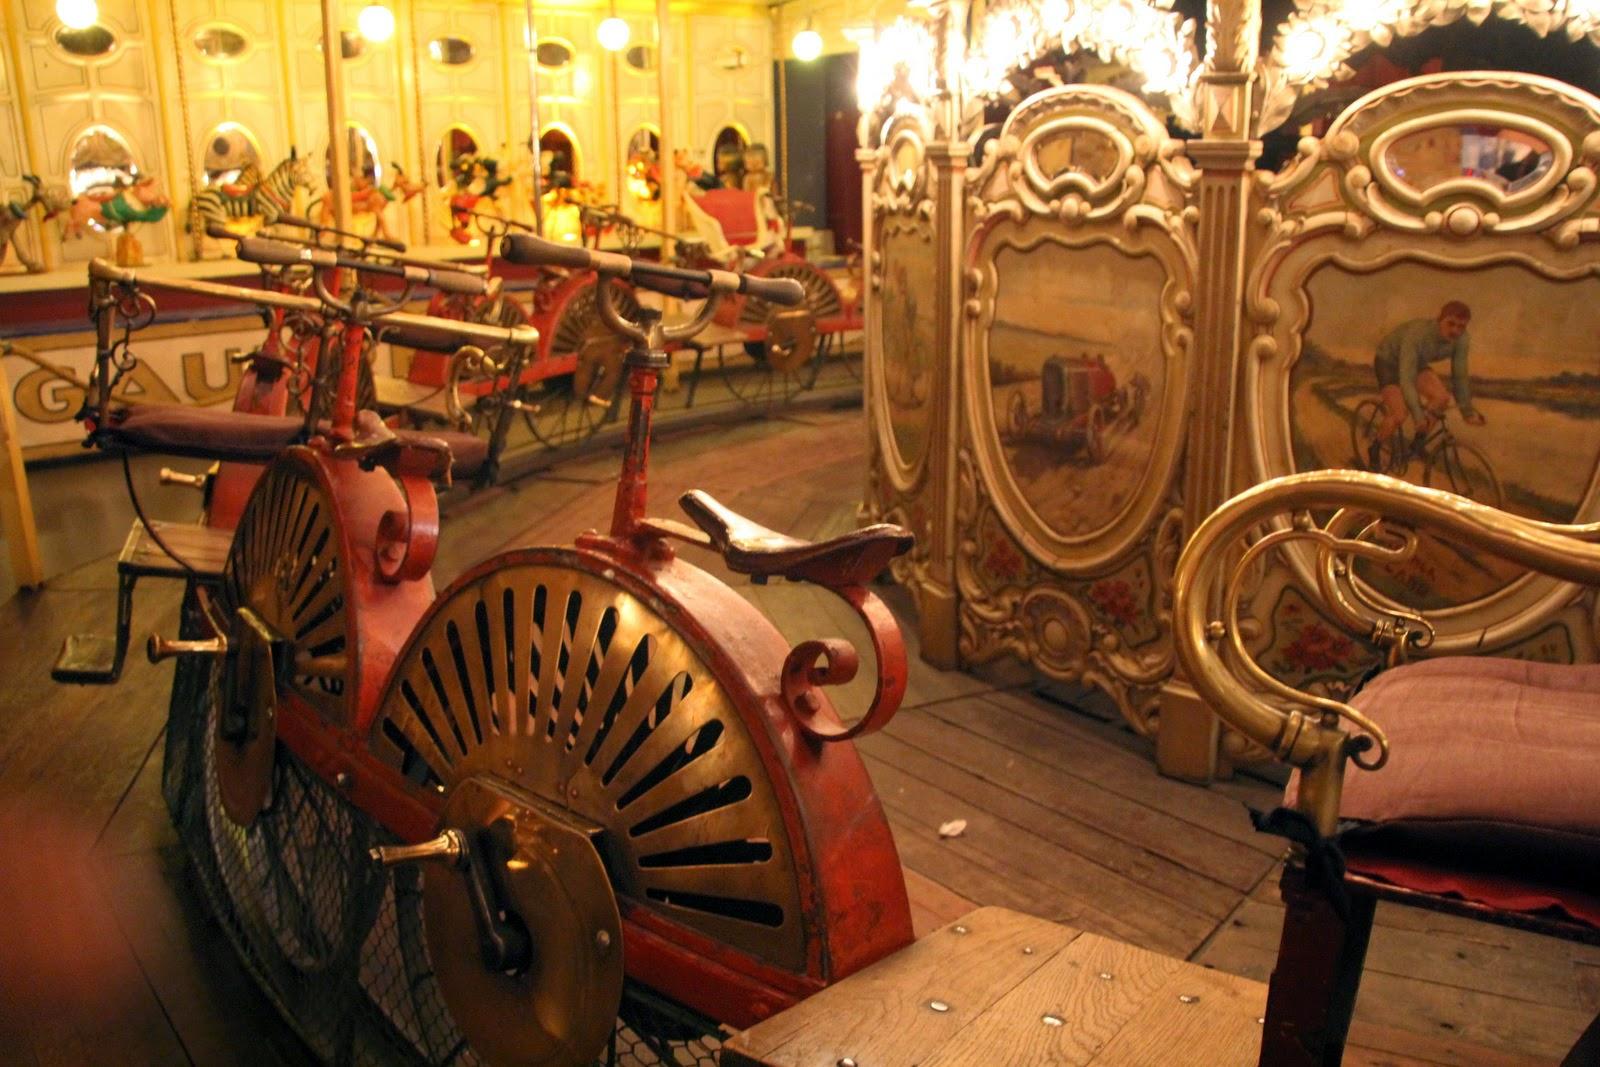 Pavillons de Bercy - Musée des Arts Forains